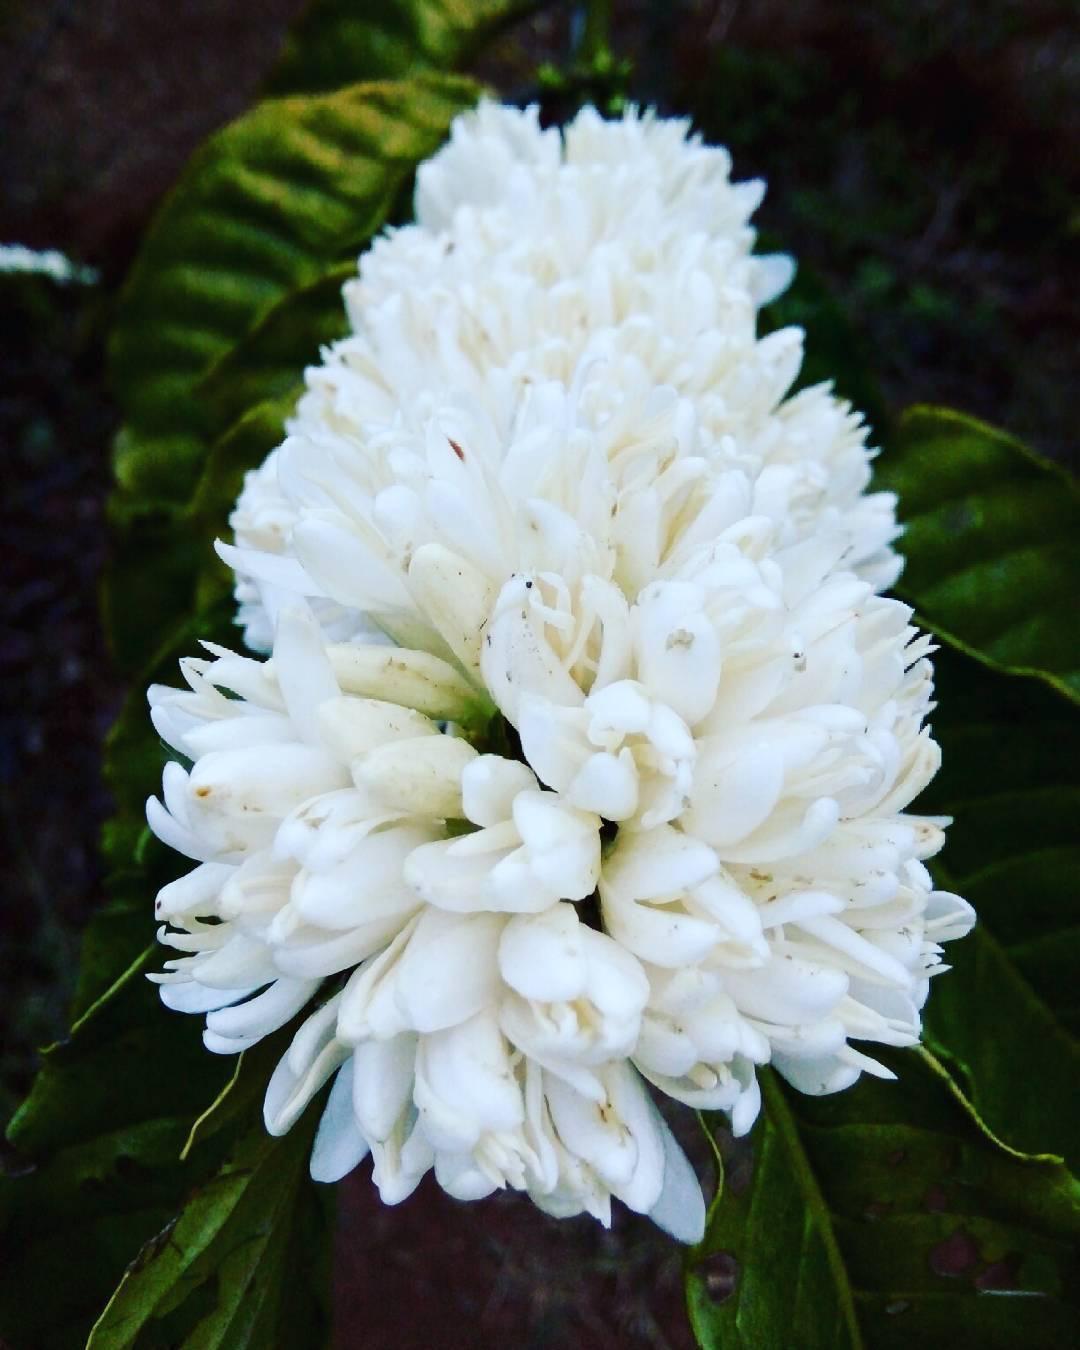 Tháng 3, bạt ngàn sắc trắng tinh khôi hoa cà phê tại đại ngàn Tây Nguyên - Ảnh 4.